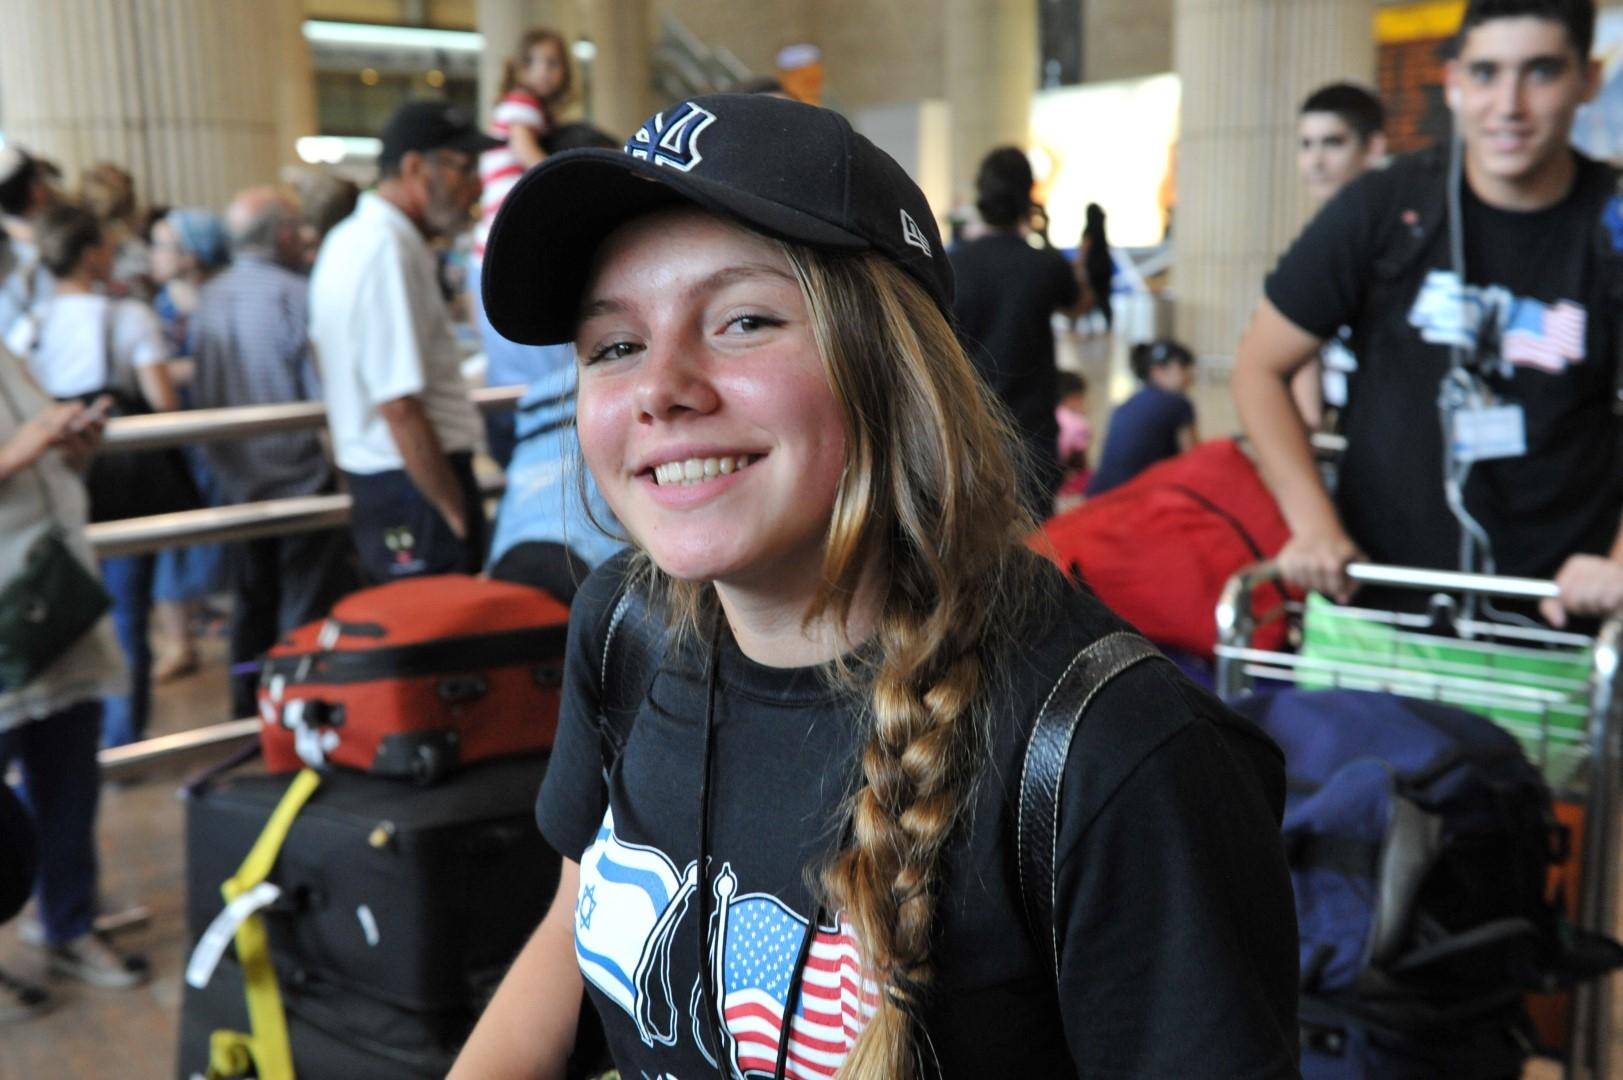 נערה אמריקאית בשדה התעופה